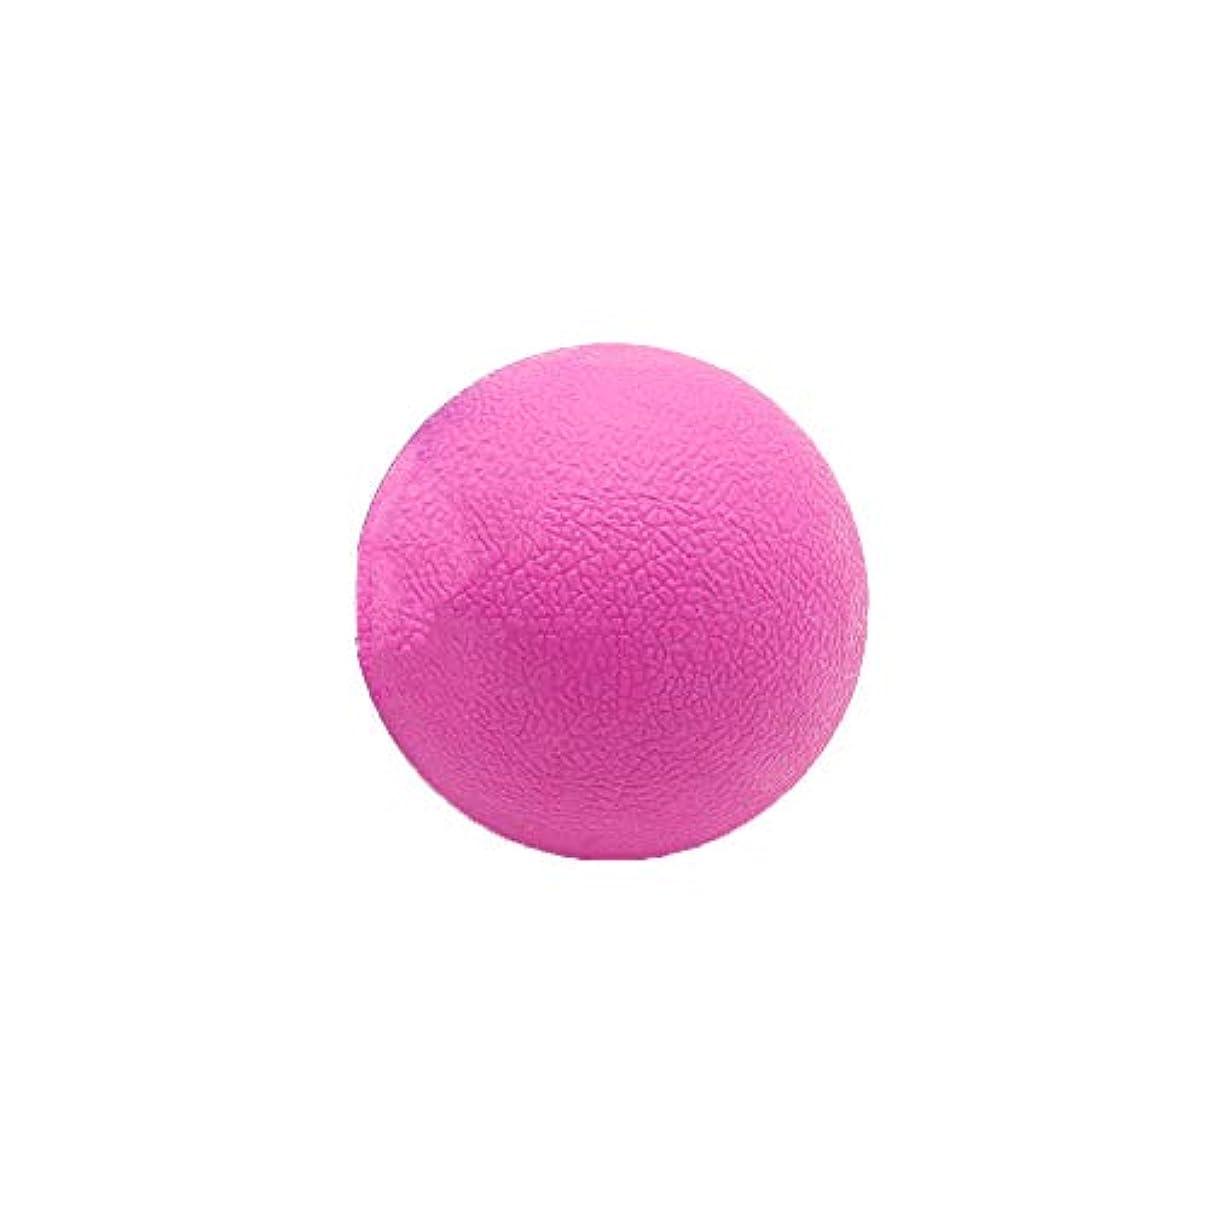 なくなるしがみつく悲しいTyou ロングホッケー ボール ストレッチ リリース マッサージボール 足部 マッサージボール 背中 筋肉 トレーニングボール ピンク